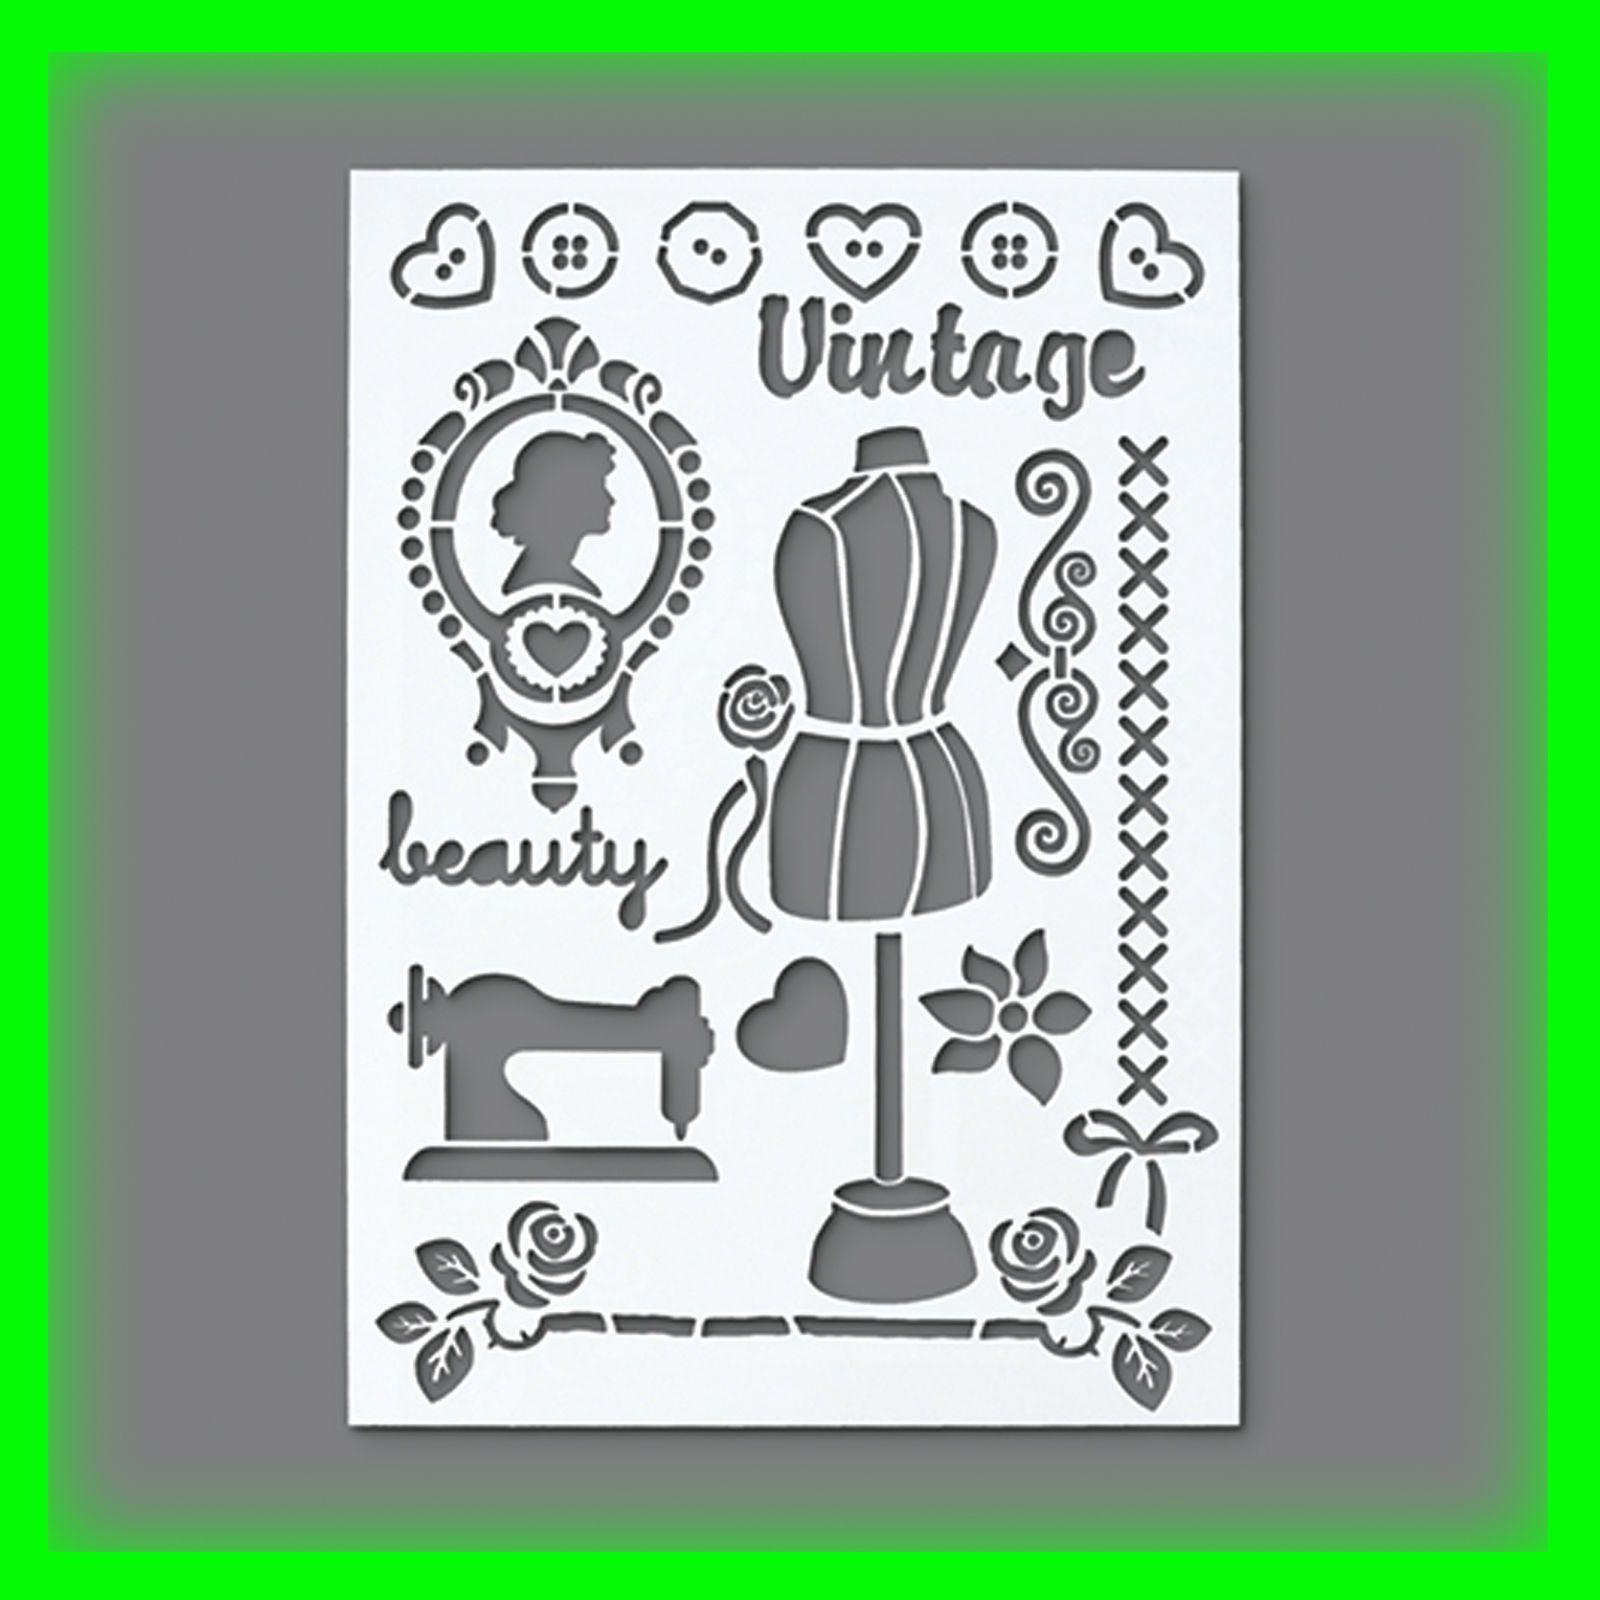 stencil flex schablone vintage din a4 17 teilig scrapbooking for sale eur 5 99. Black Bedroom Furniture Sets. Home Design Ideas